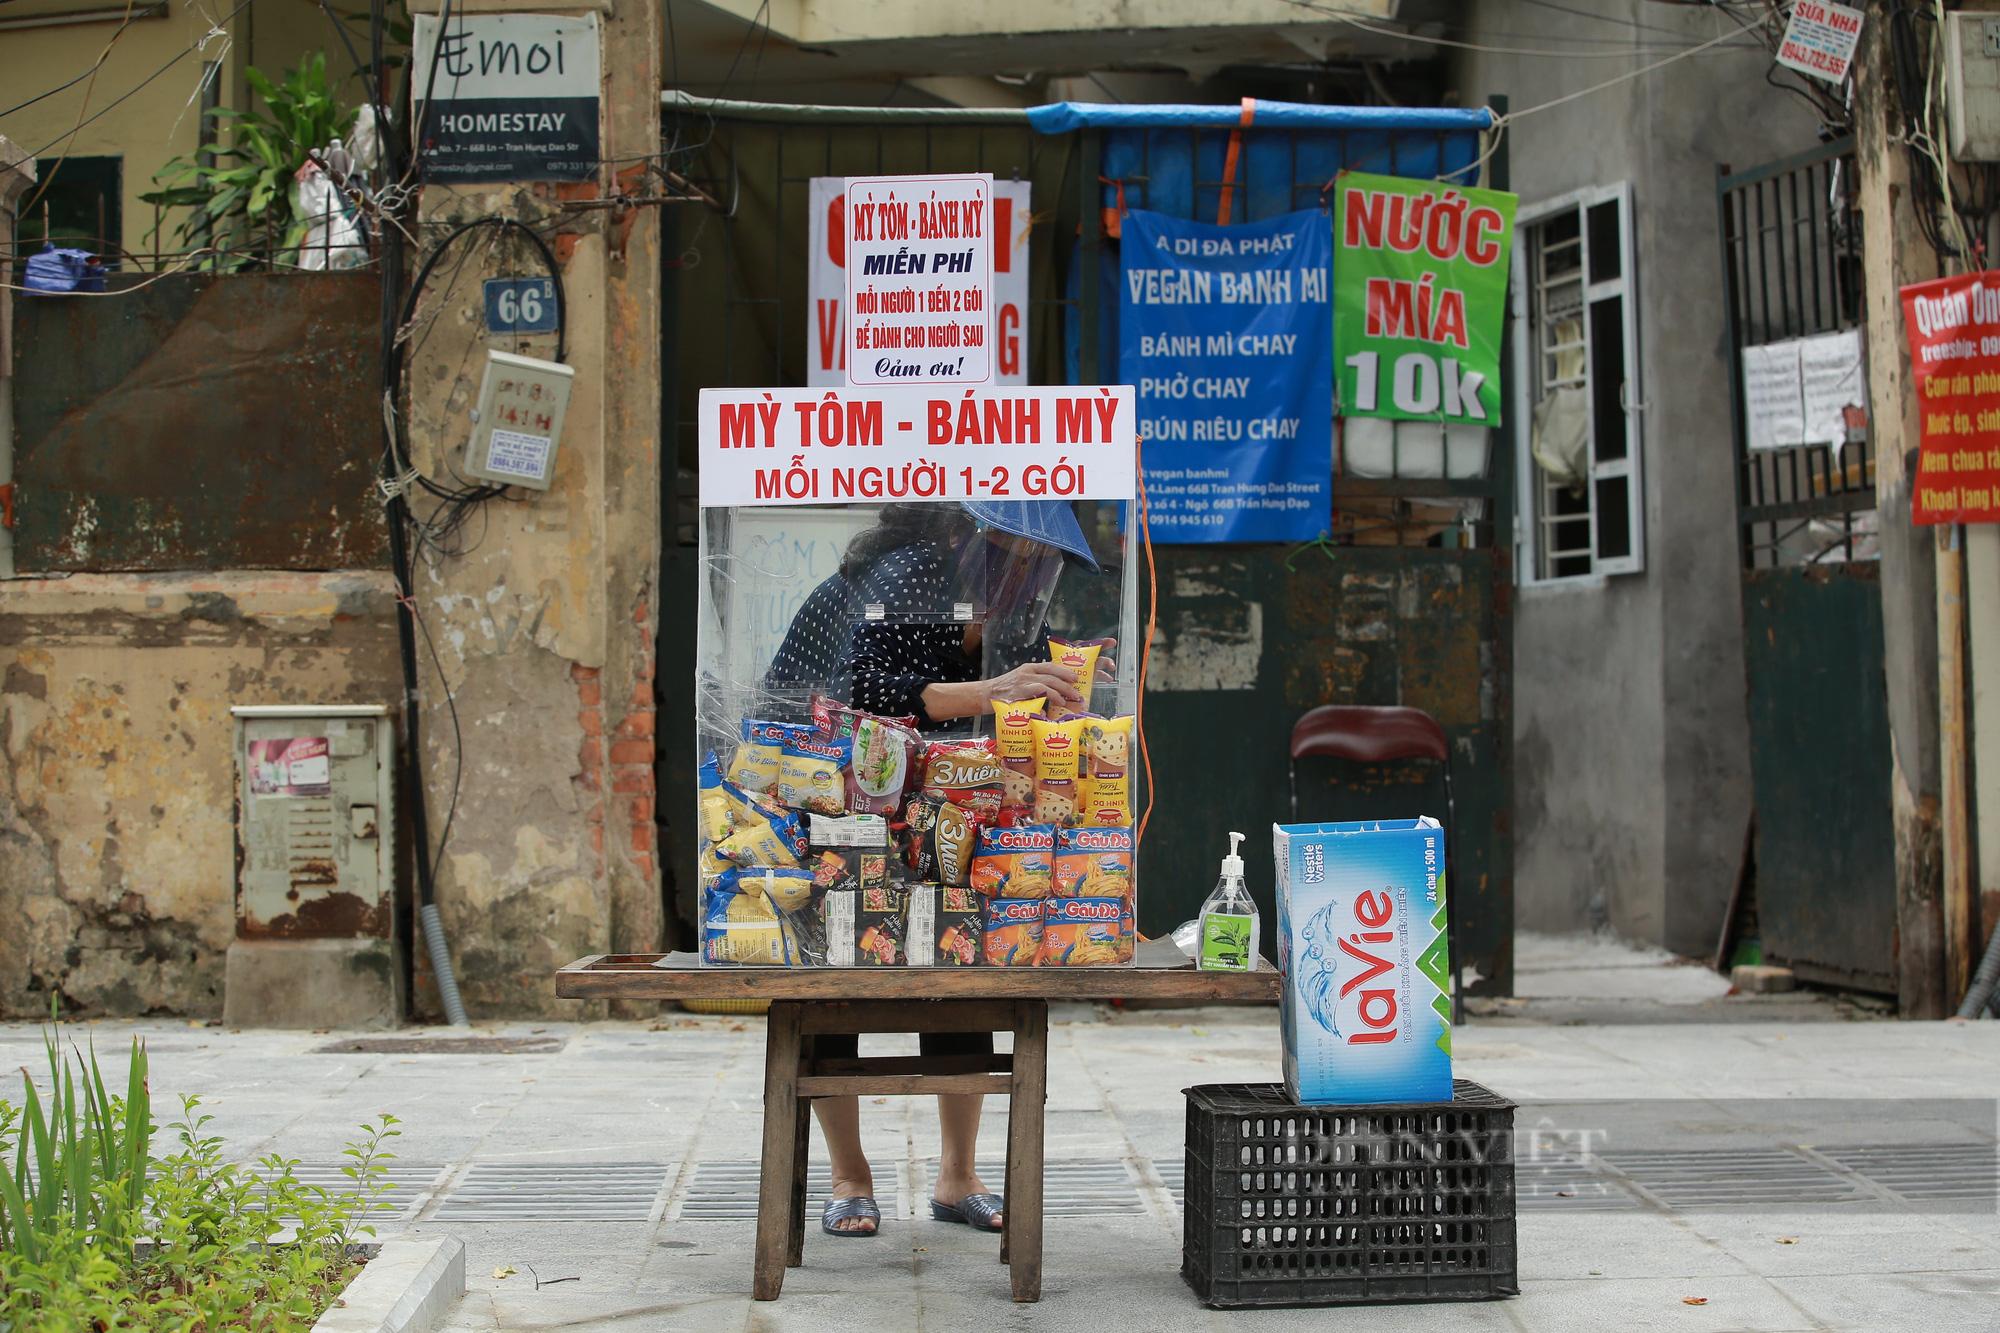 Ấm lòng tủ mì tôm, nước lọc miễn phí cho người khó khăn bên hè phố Hà Nội - Ảnh 1.